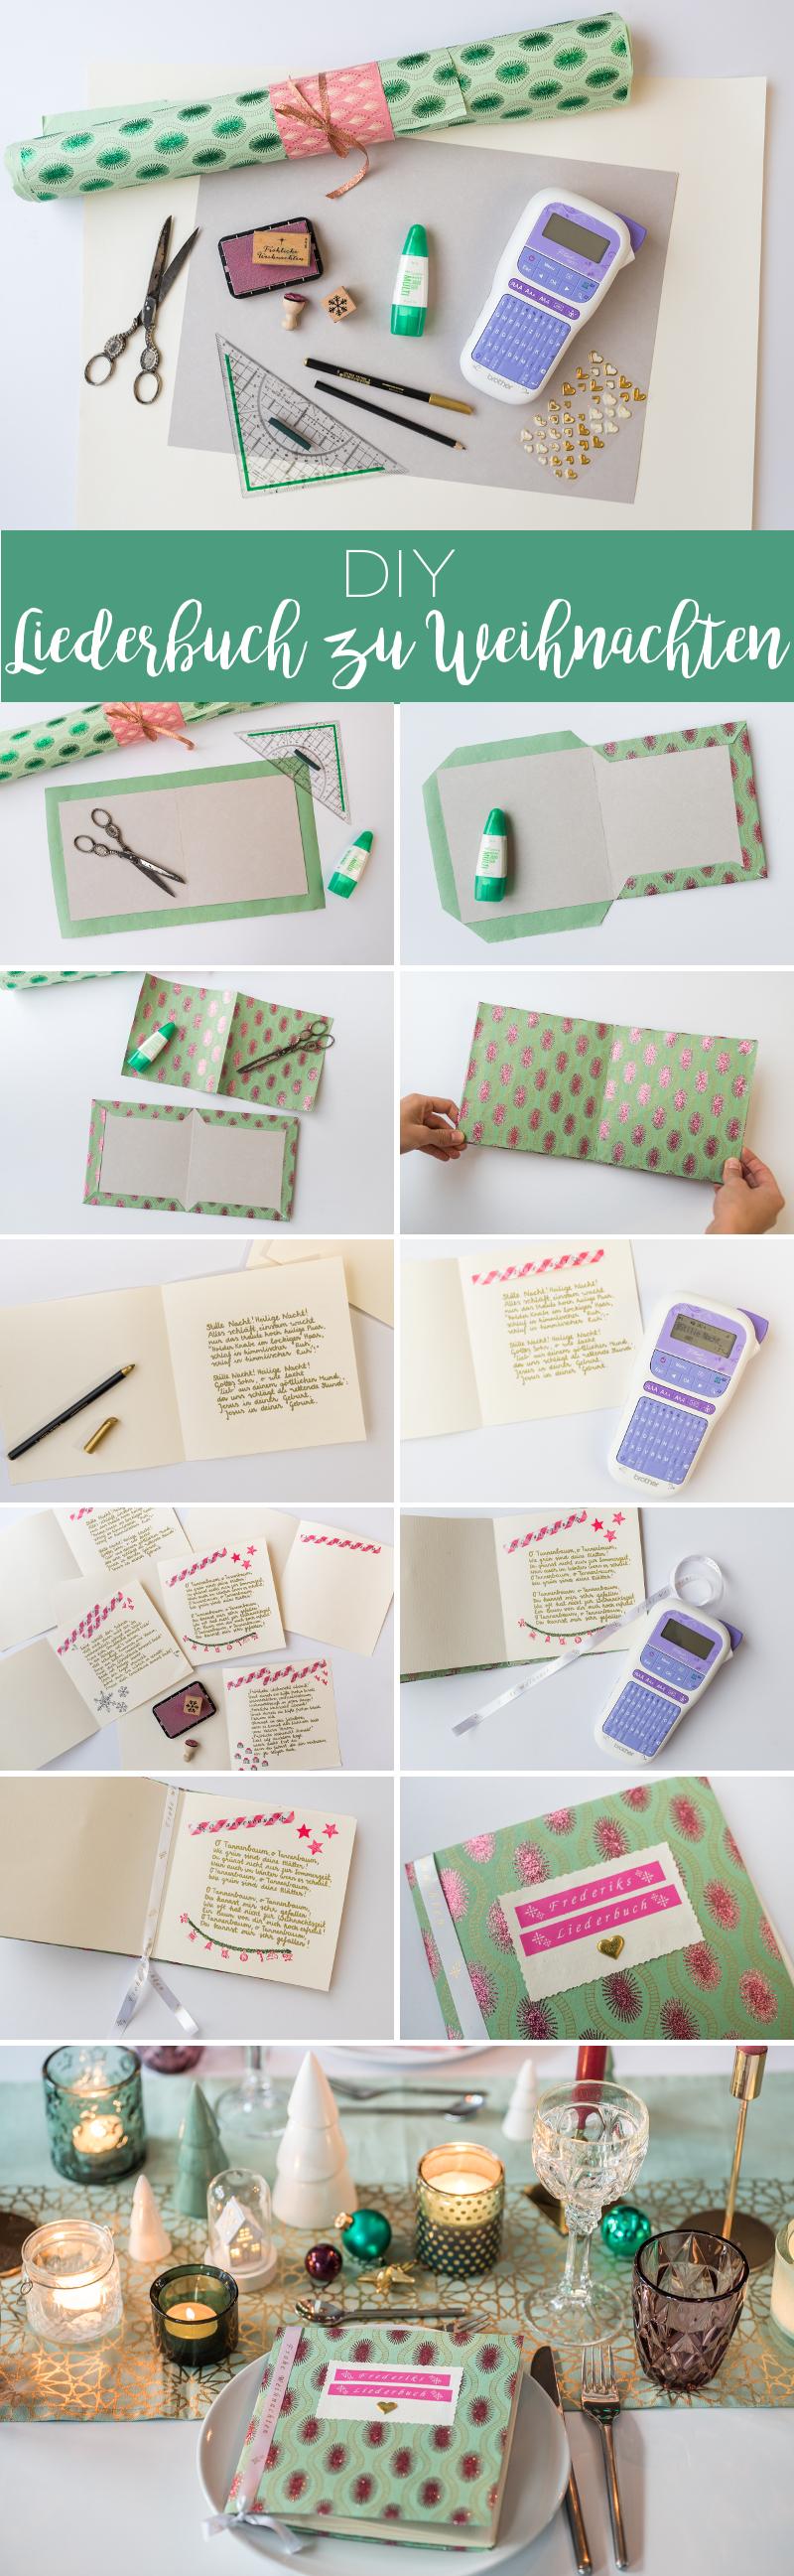 DIY Anleitung für ein selbstgemachtes Liederbuch zu Weihnachten aus Papier als Tischdeko